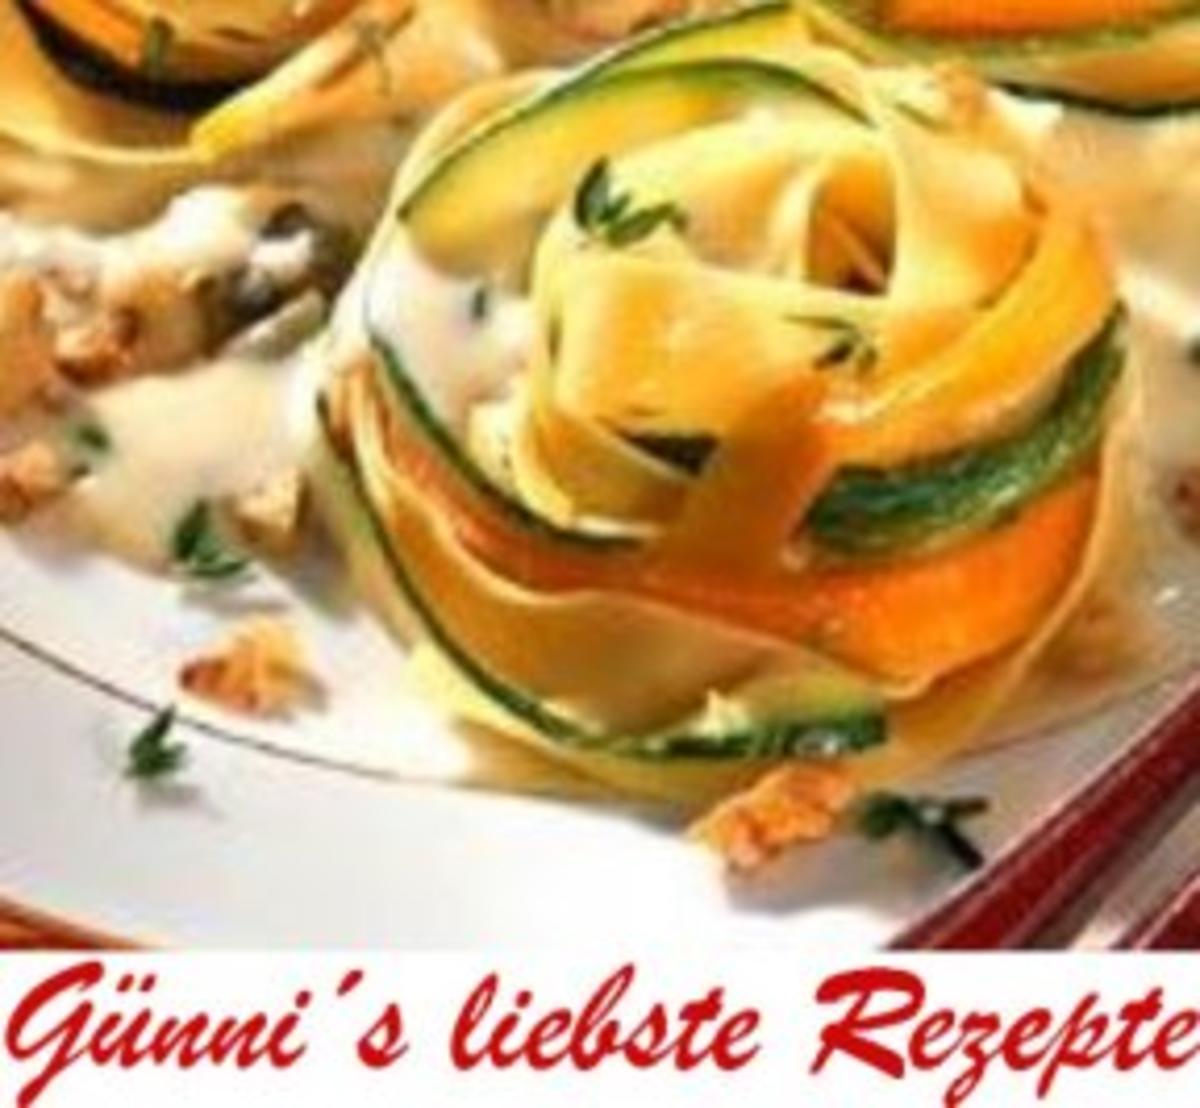 Nudel-Nester mit Wallnuss-Käse-Soße - Rezept Eingereicht von Tauchschwein